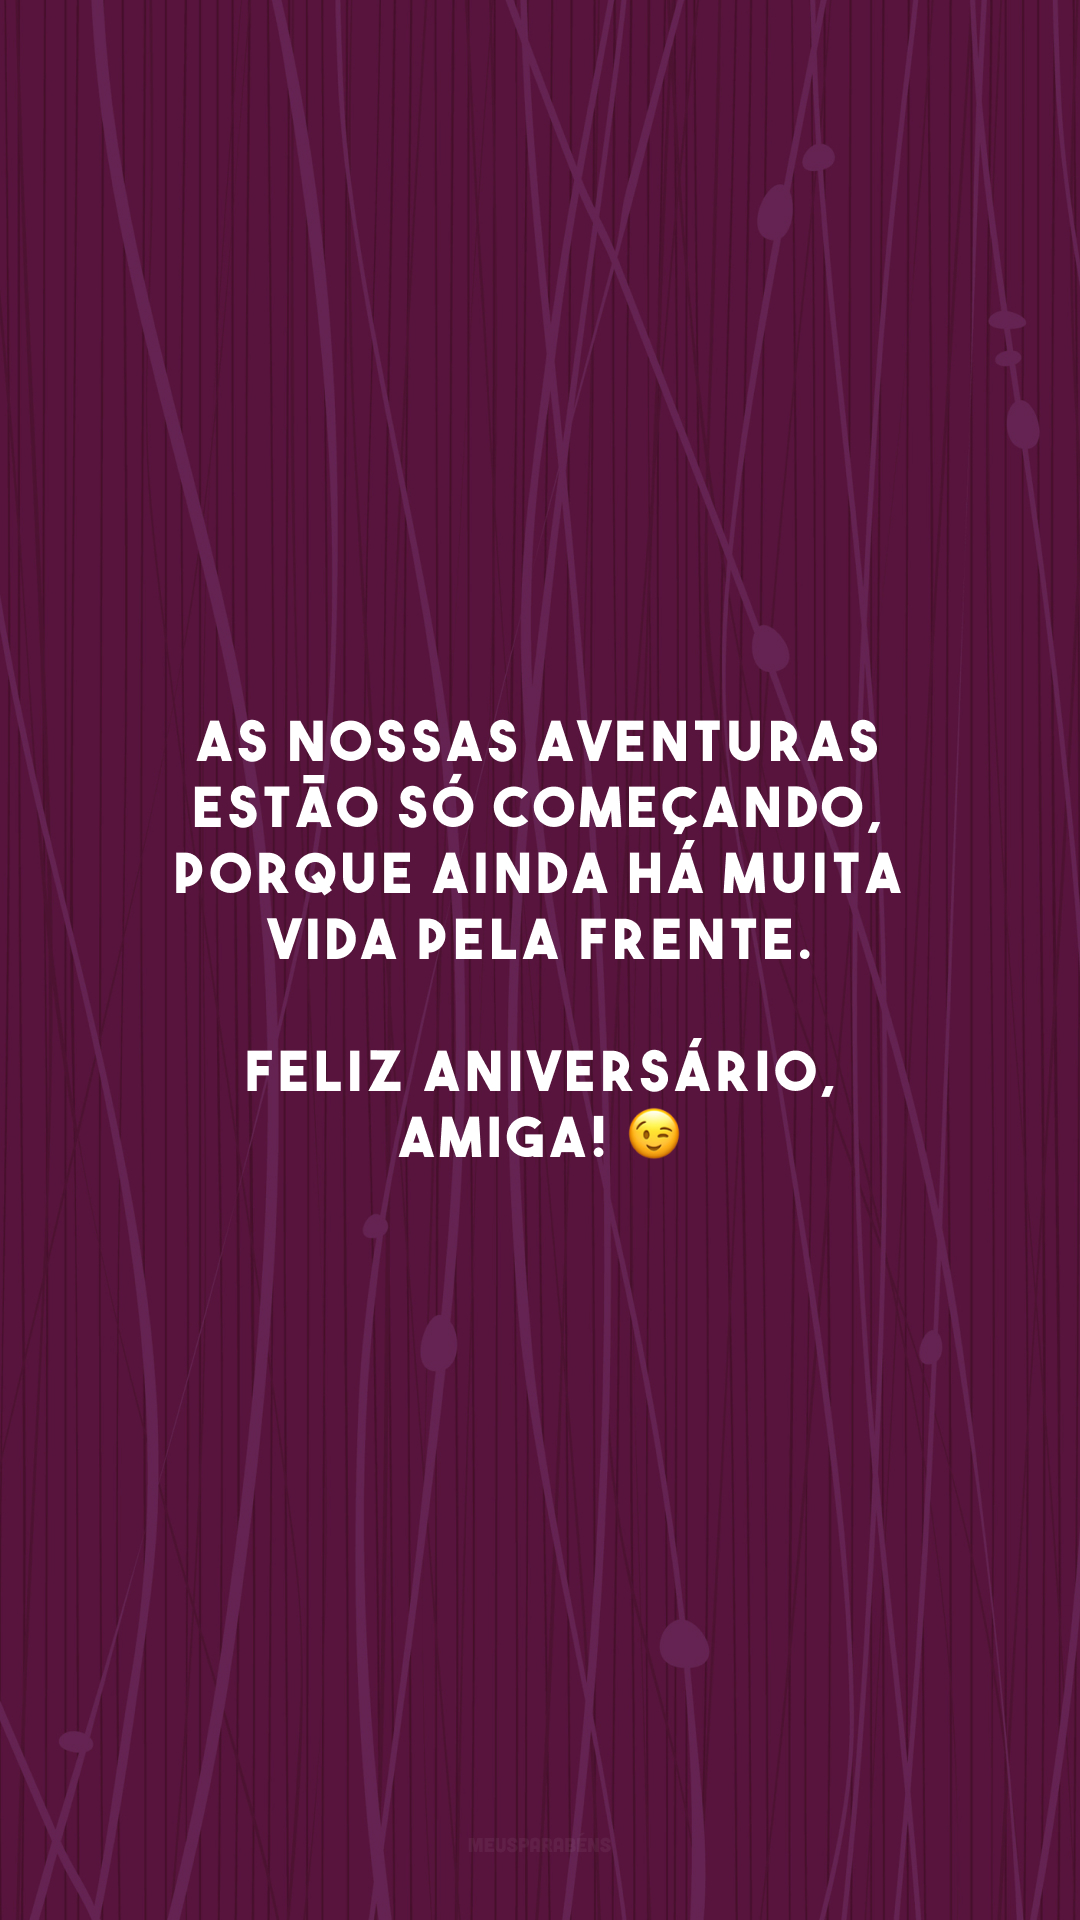 As nossas aventuras estão só começando, porque ainda há muita vida pela frente. Feliz aniversário, amiga! 😉